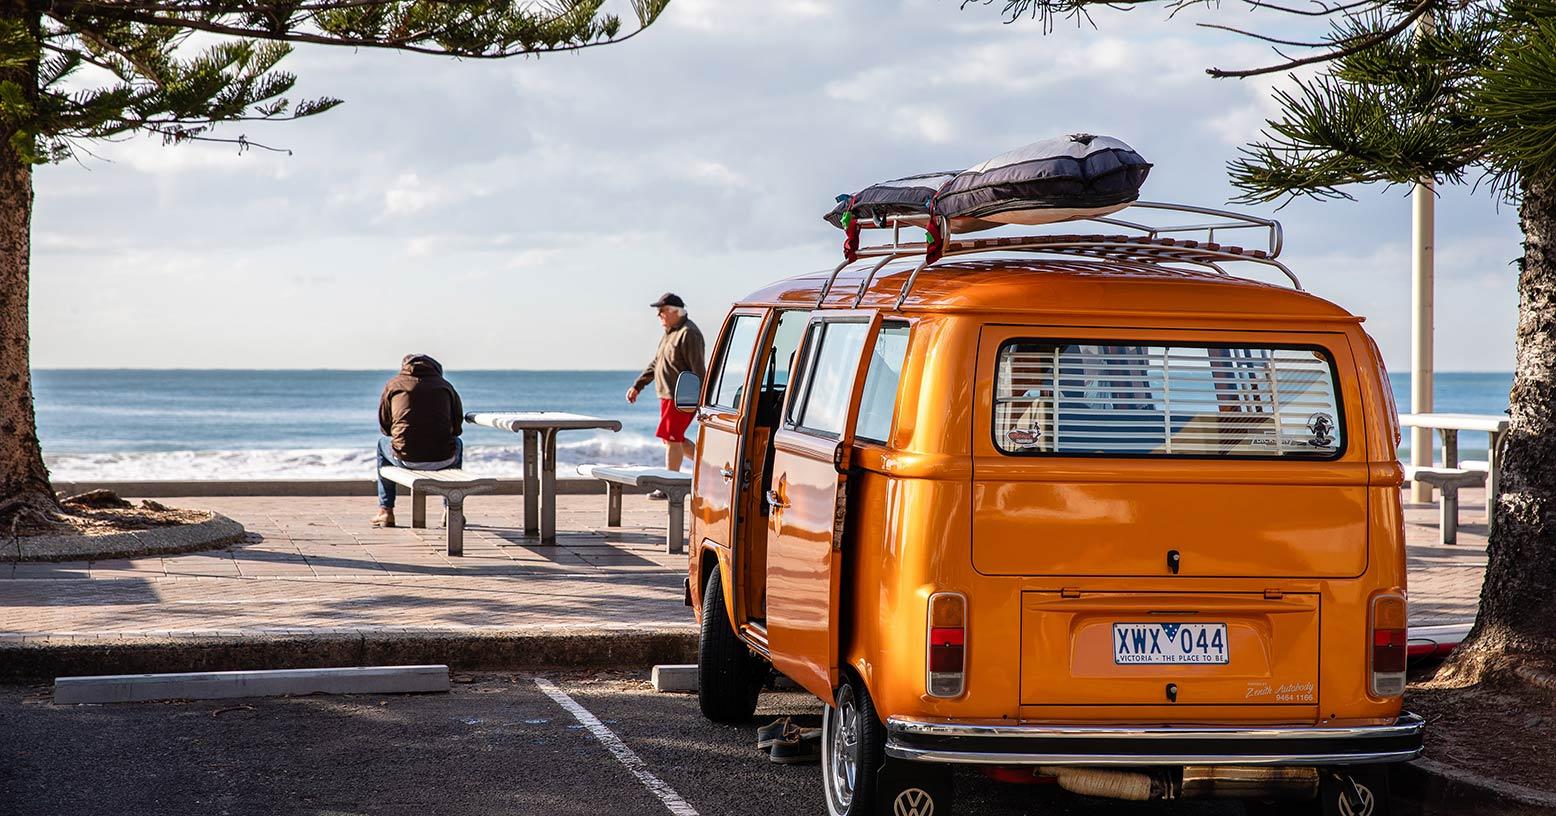 Volkswagen camper van by the beach in Australia